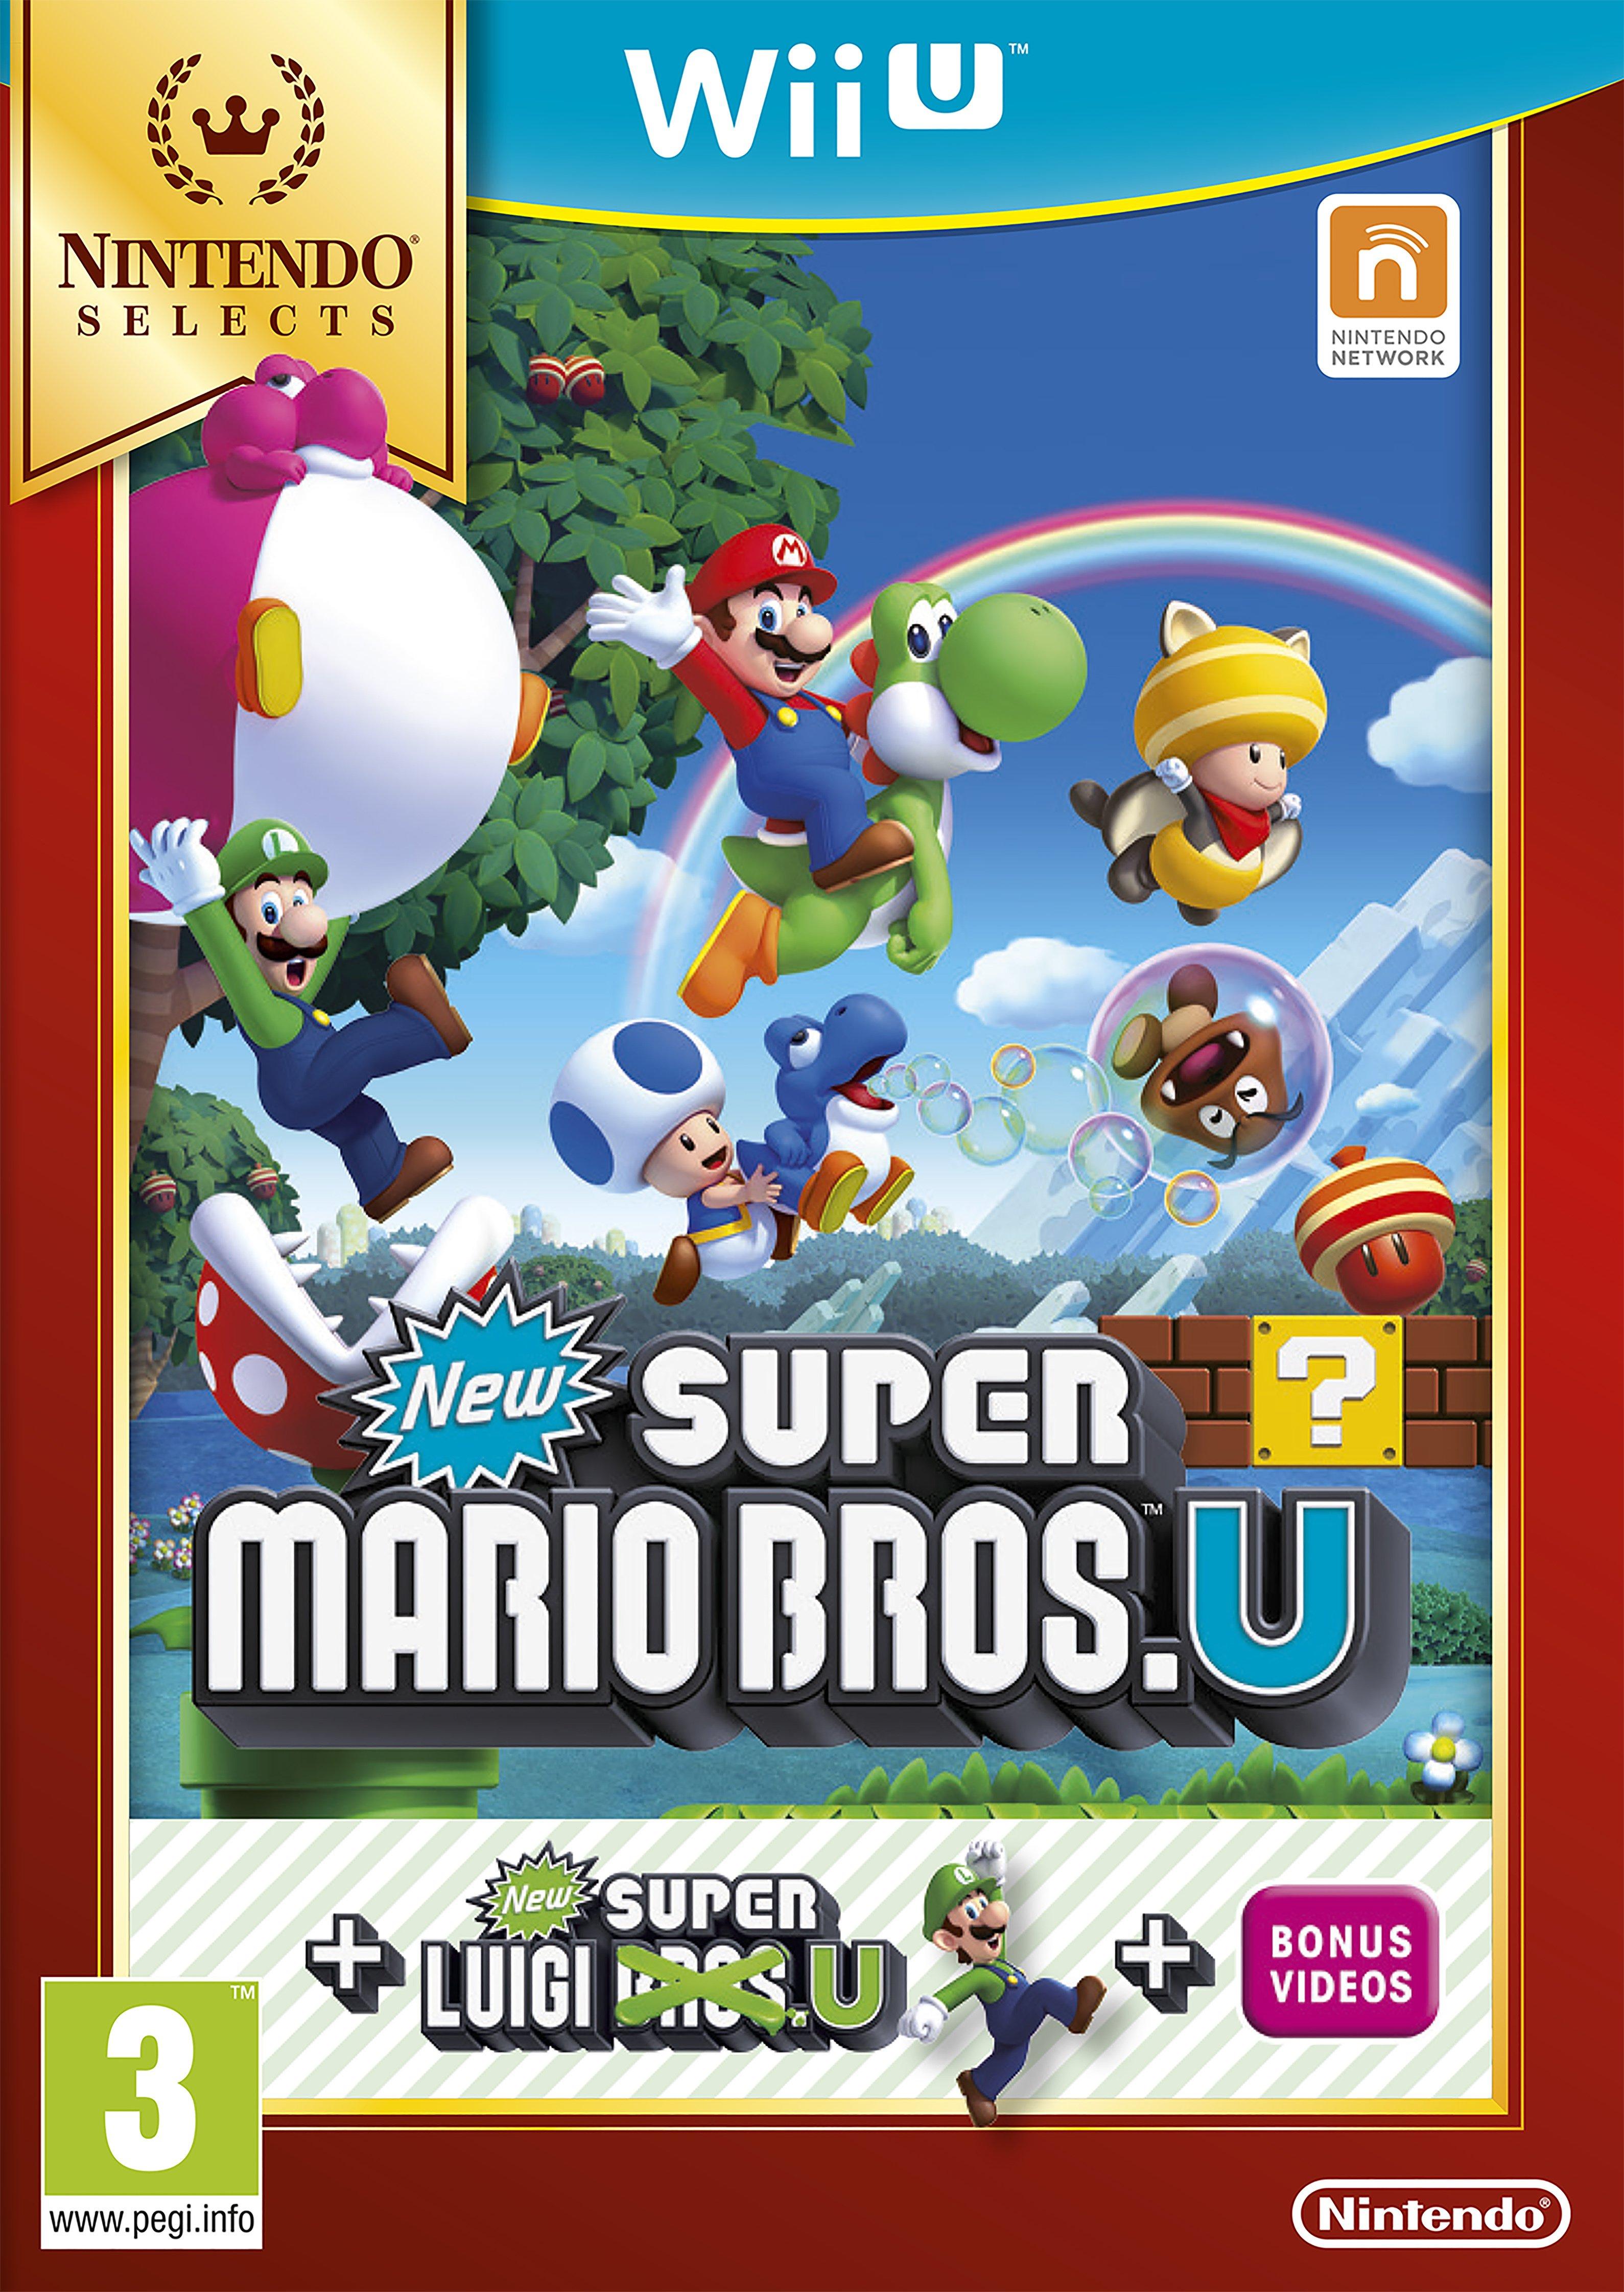 'Super Mario - Bros Super Luigi U - Nintendo - Wii U Game